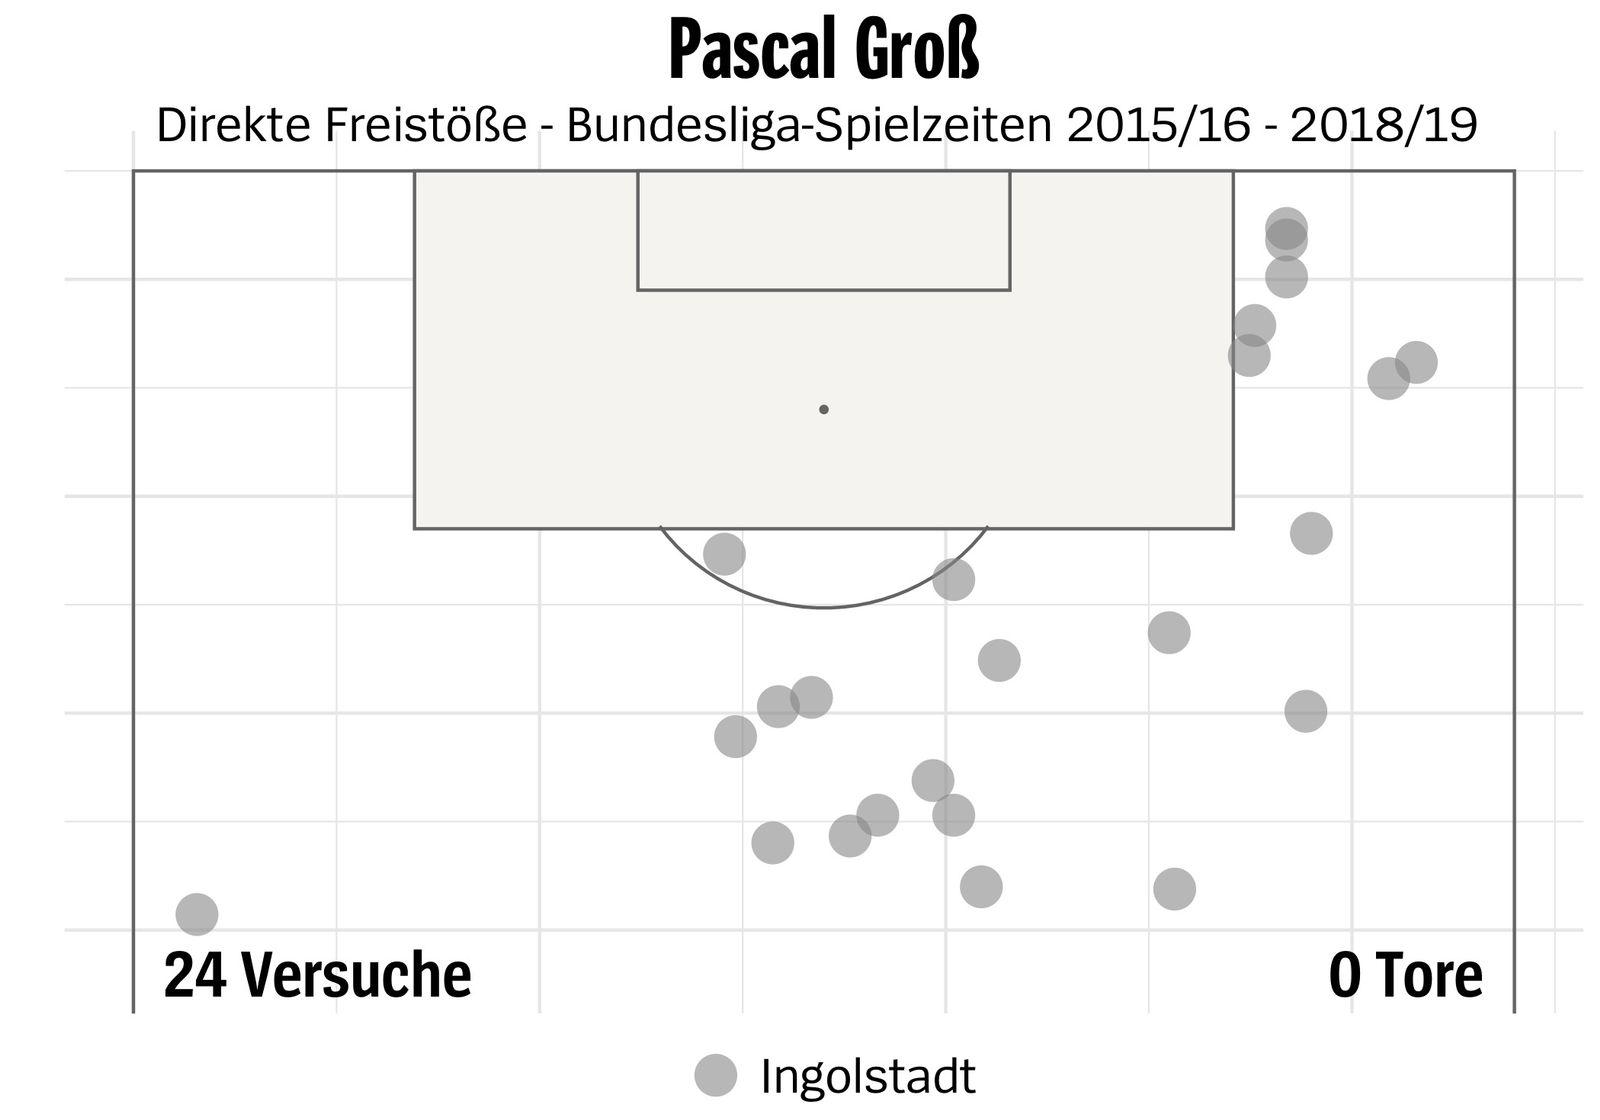 Pascal Gross